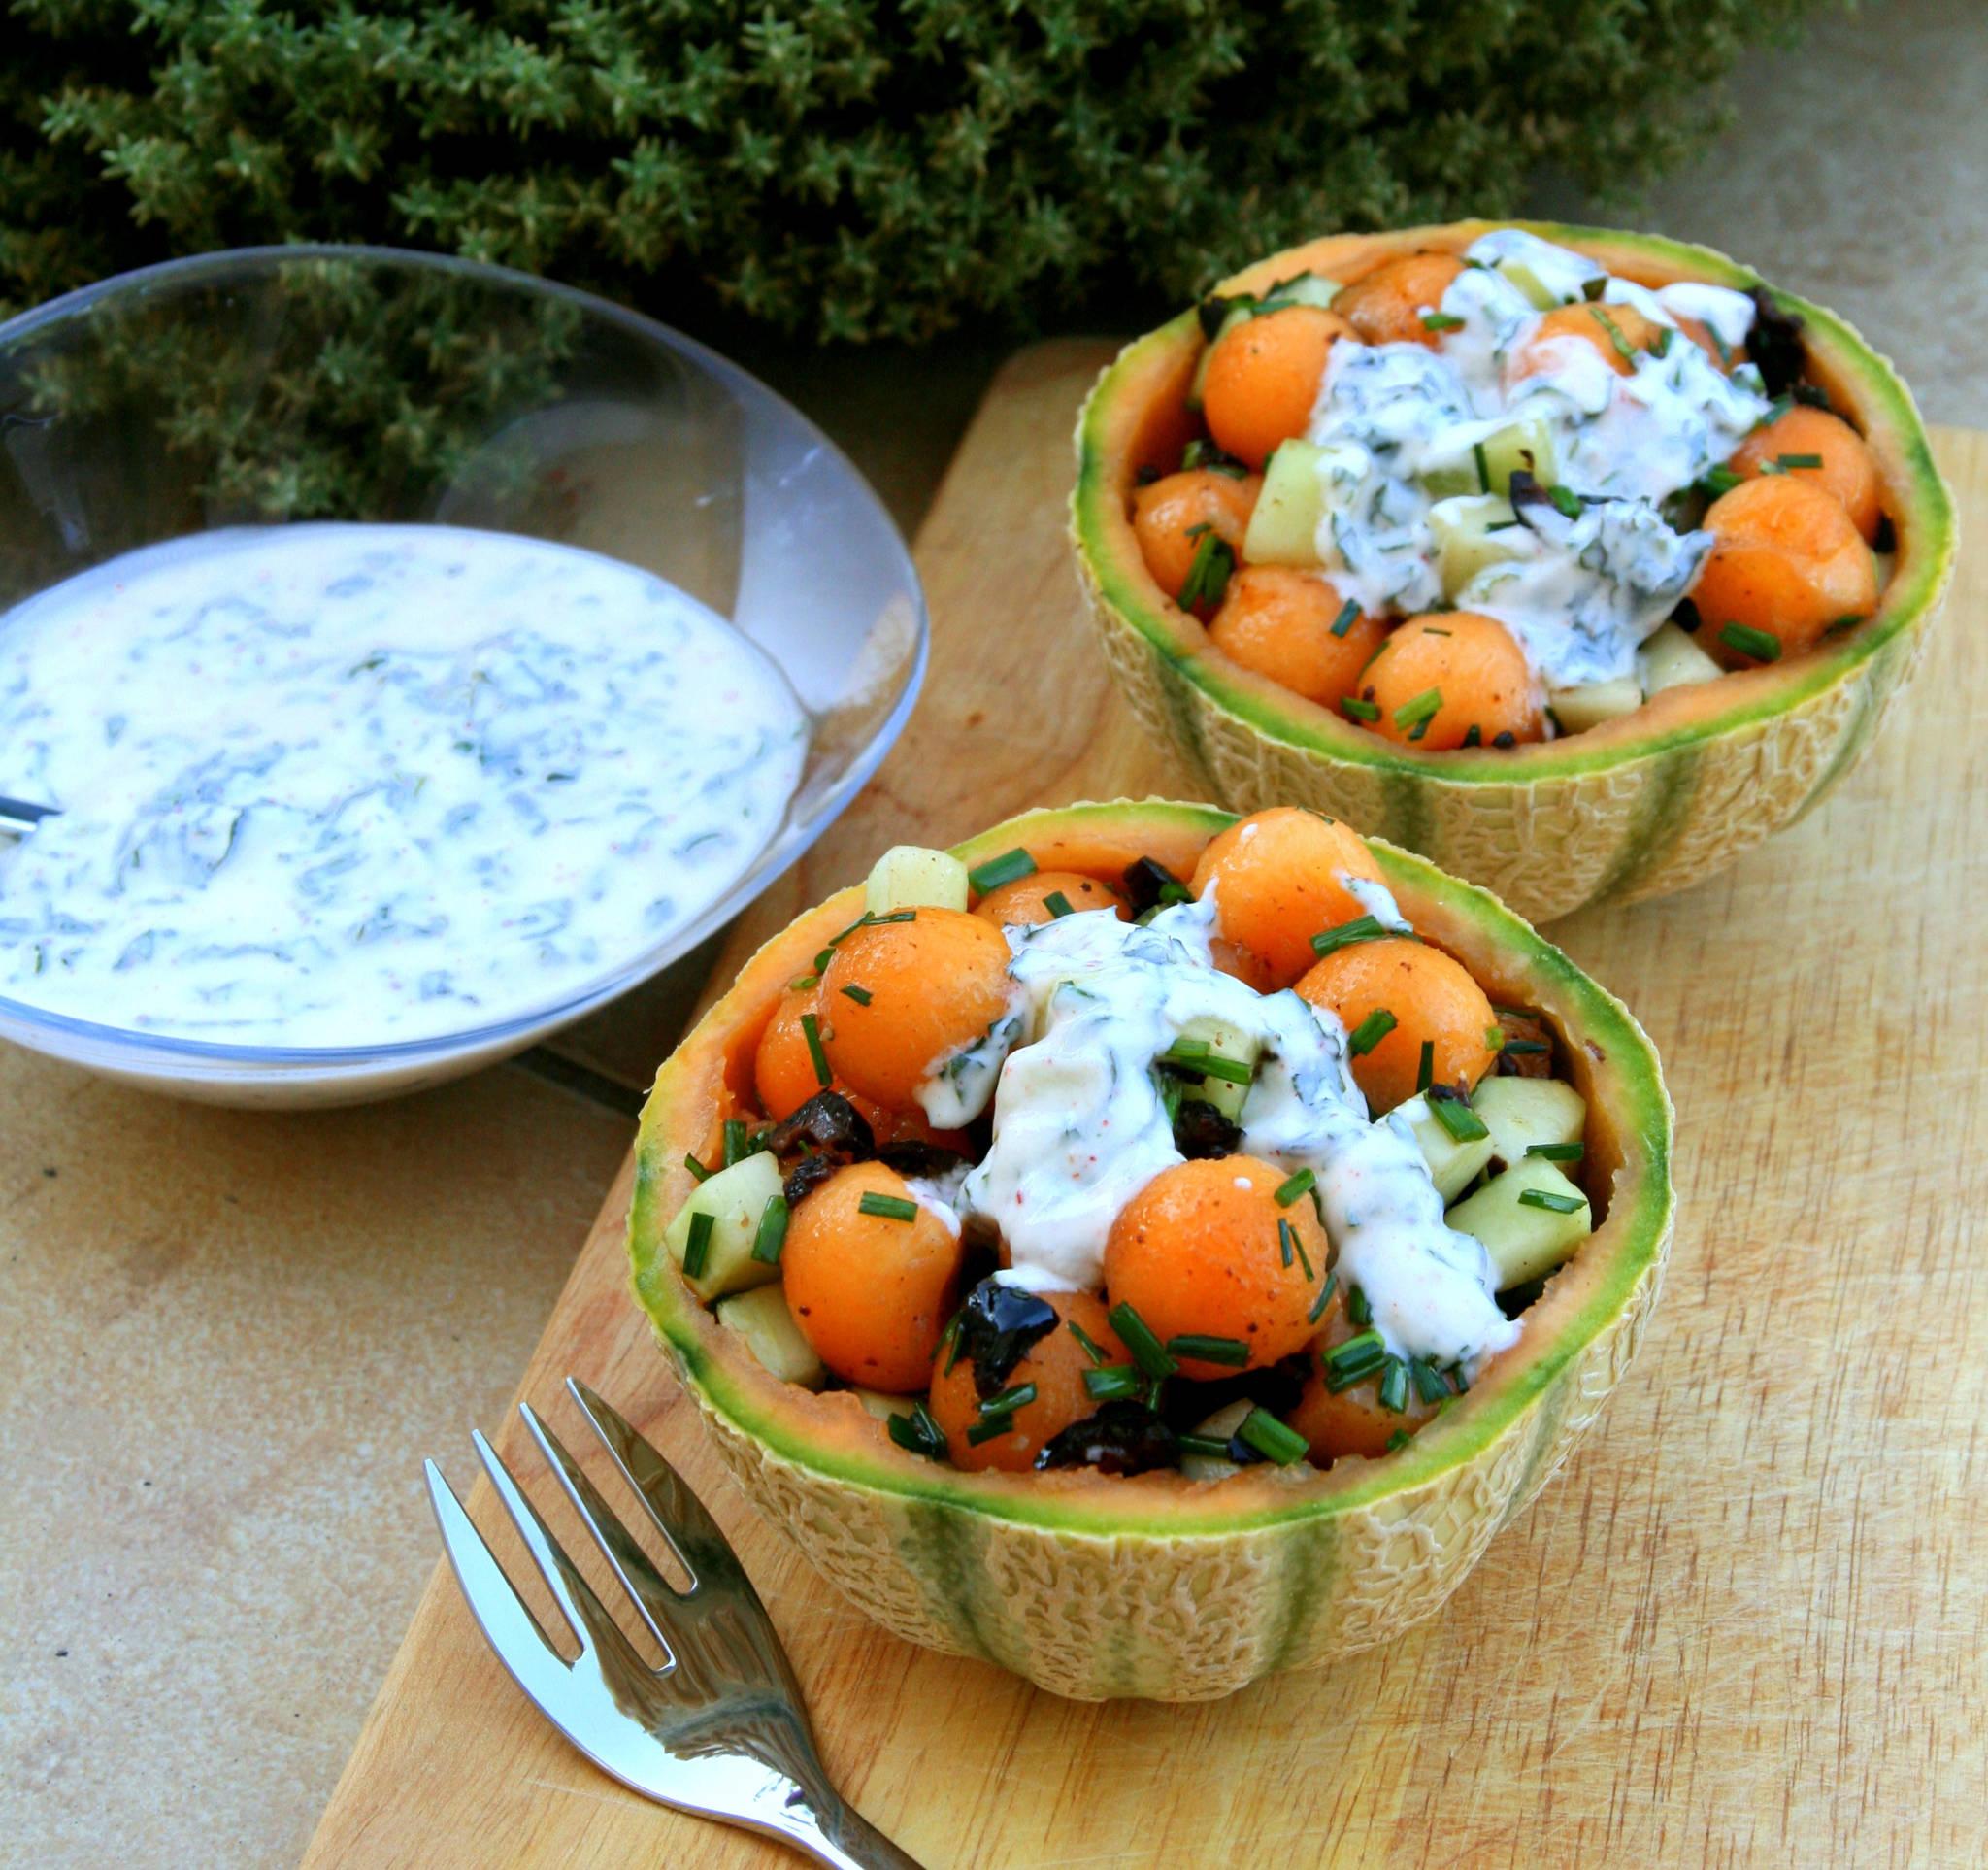 Salade melon, concombre & olives noires, sauce yaourt à la menthe